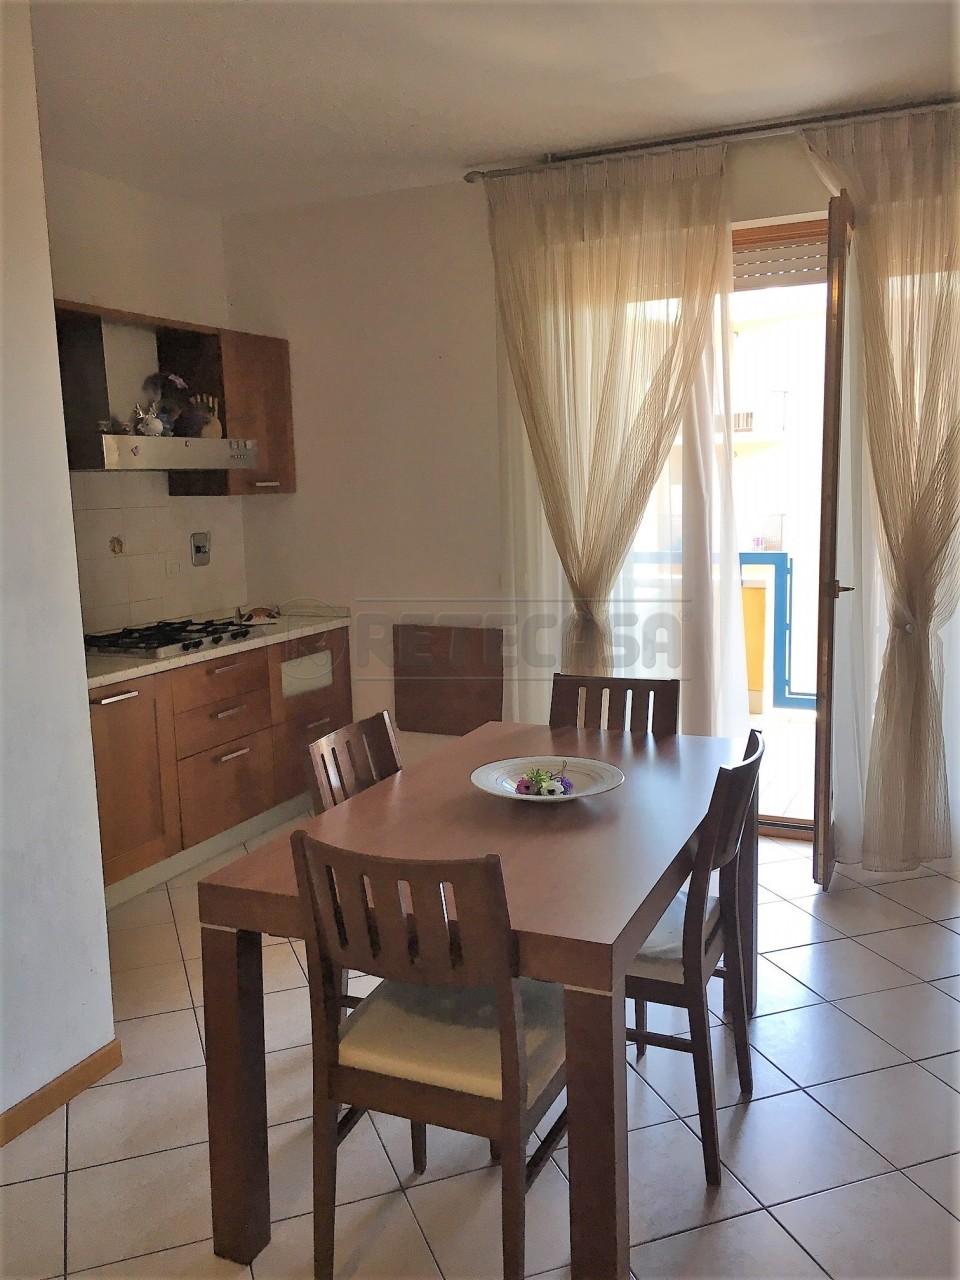 Appartamento in vendita a Corciano, 4 locali, prezzo € 154.000 | PortaleAgenzieImmobiliari.it